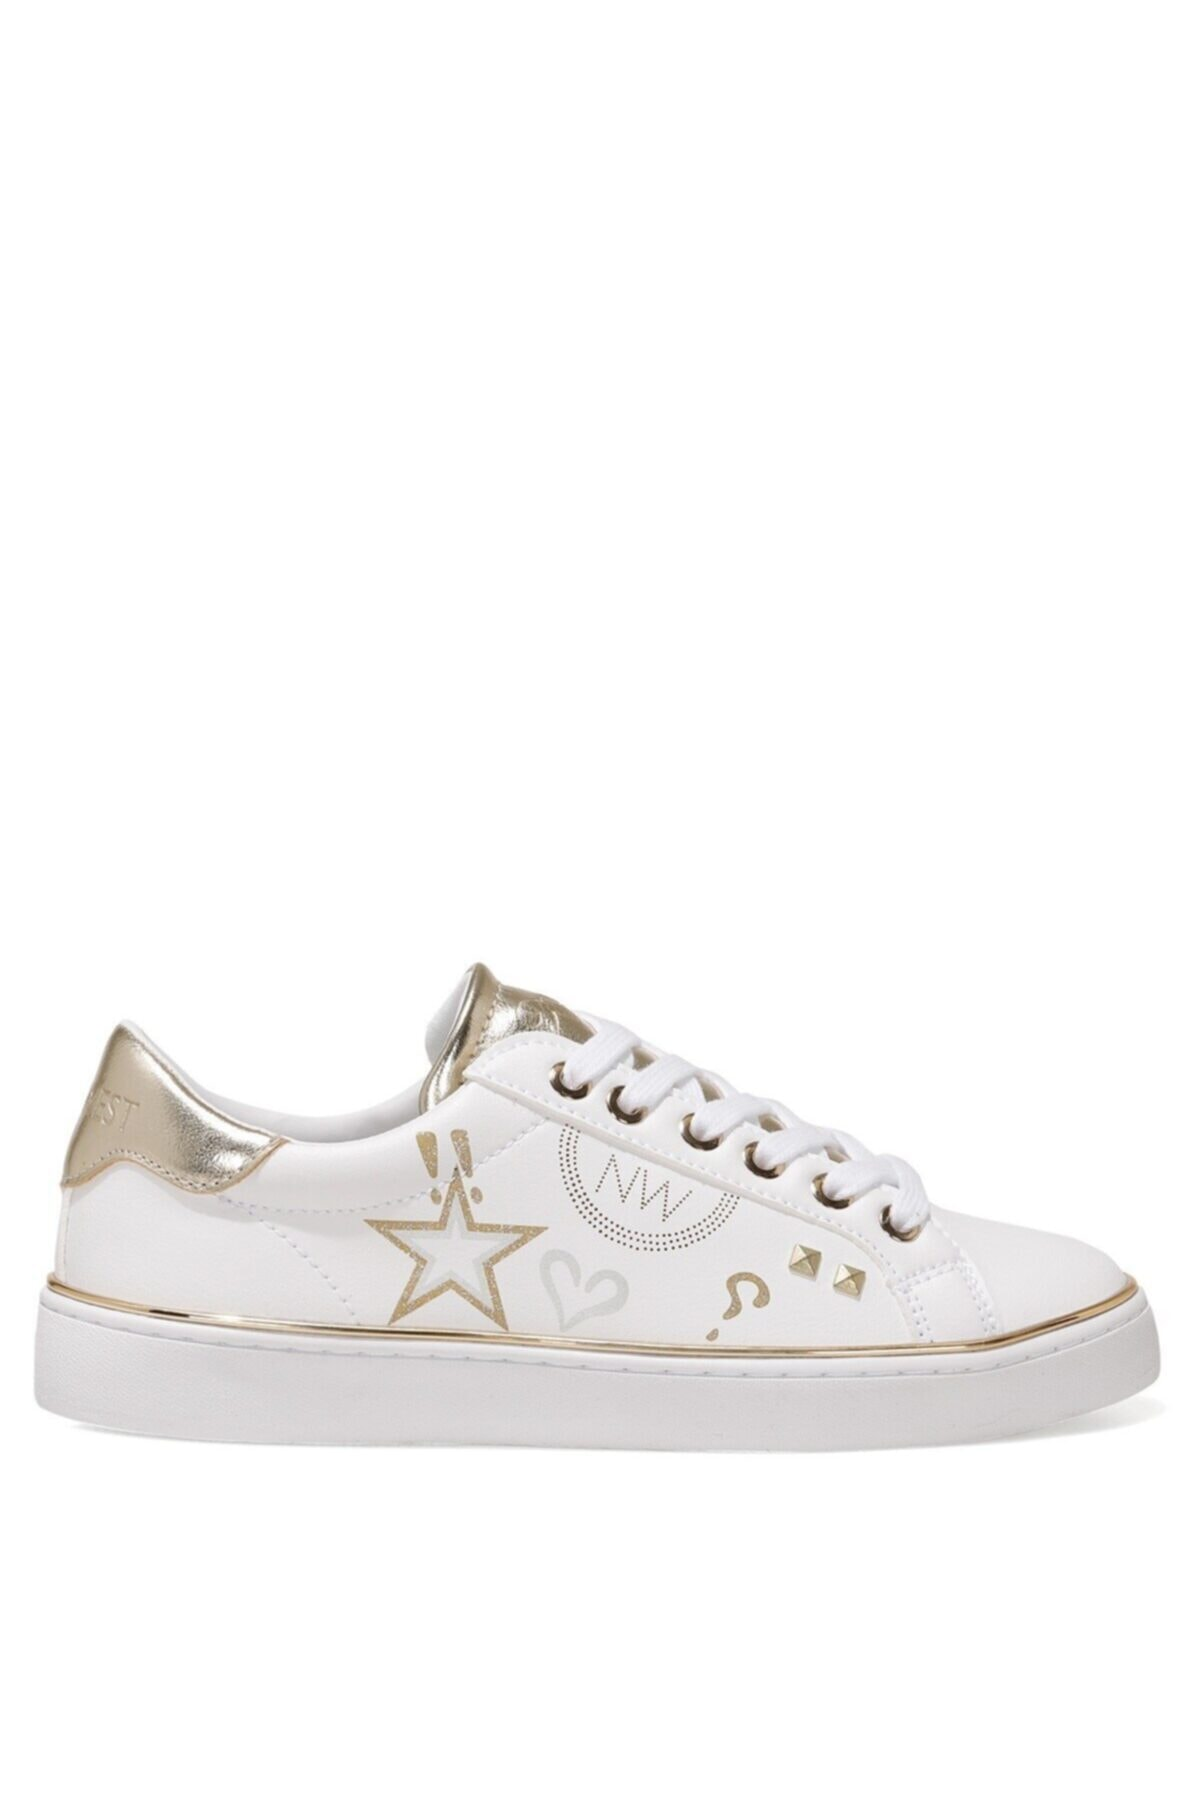 THYLLE 1FX Beyaz Kadın Sneaker Ayakkabı 101029597